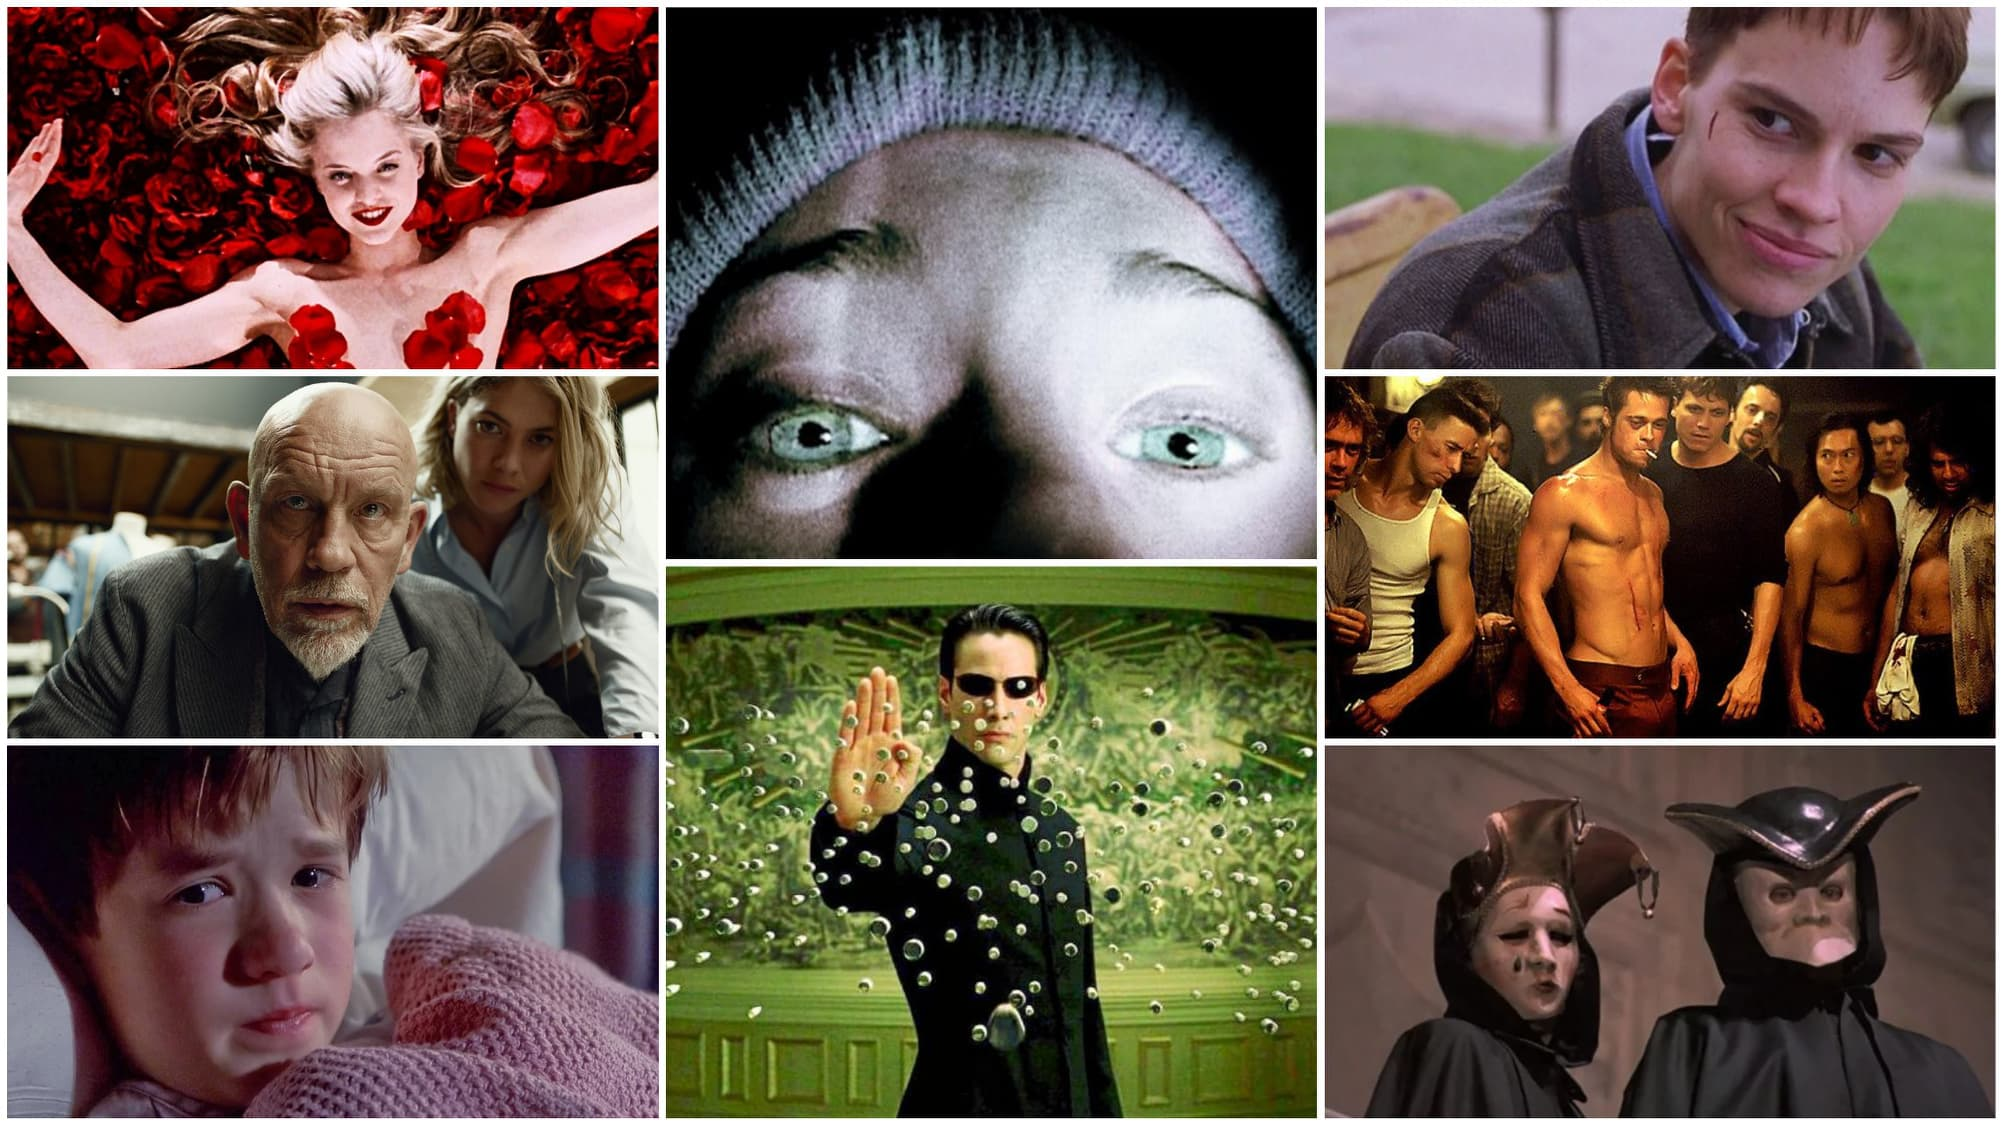 lanzate-a-esta-retrospectiva-de-1999-uno-los-mejores-anos-del-cine